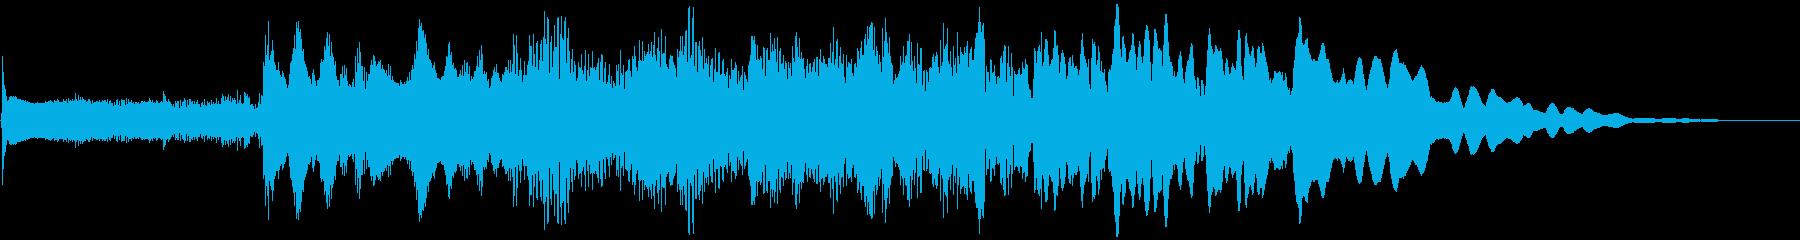 サウンドロゴ、爽やかフレッシュ場面転換 の再生済みの波形